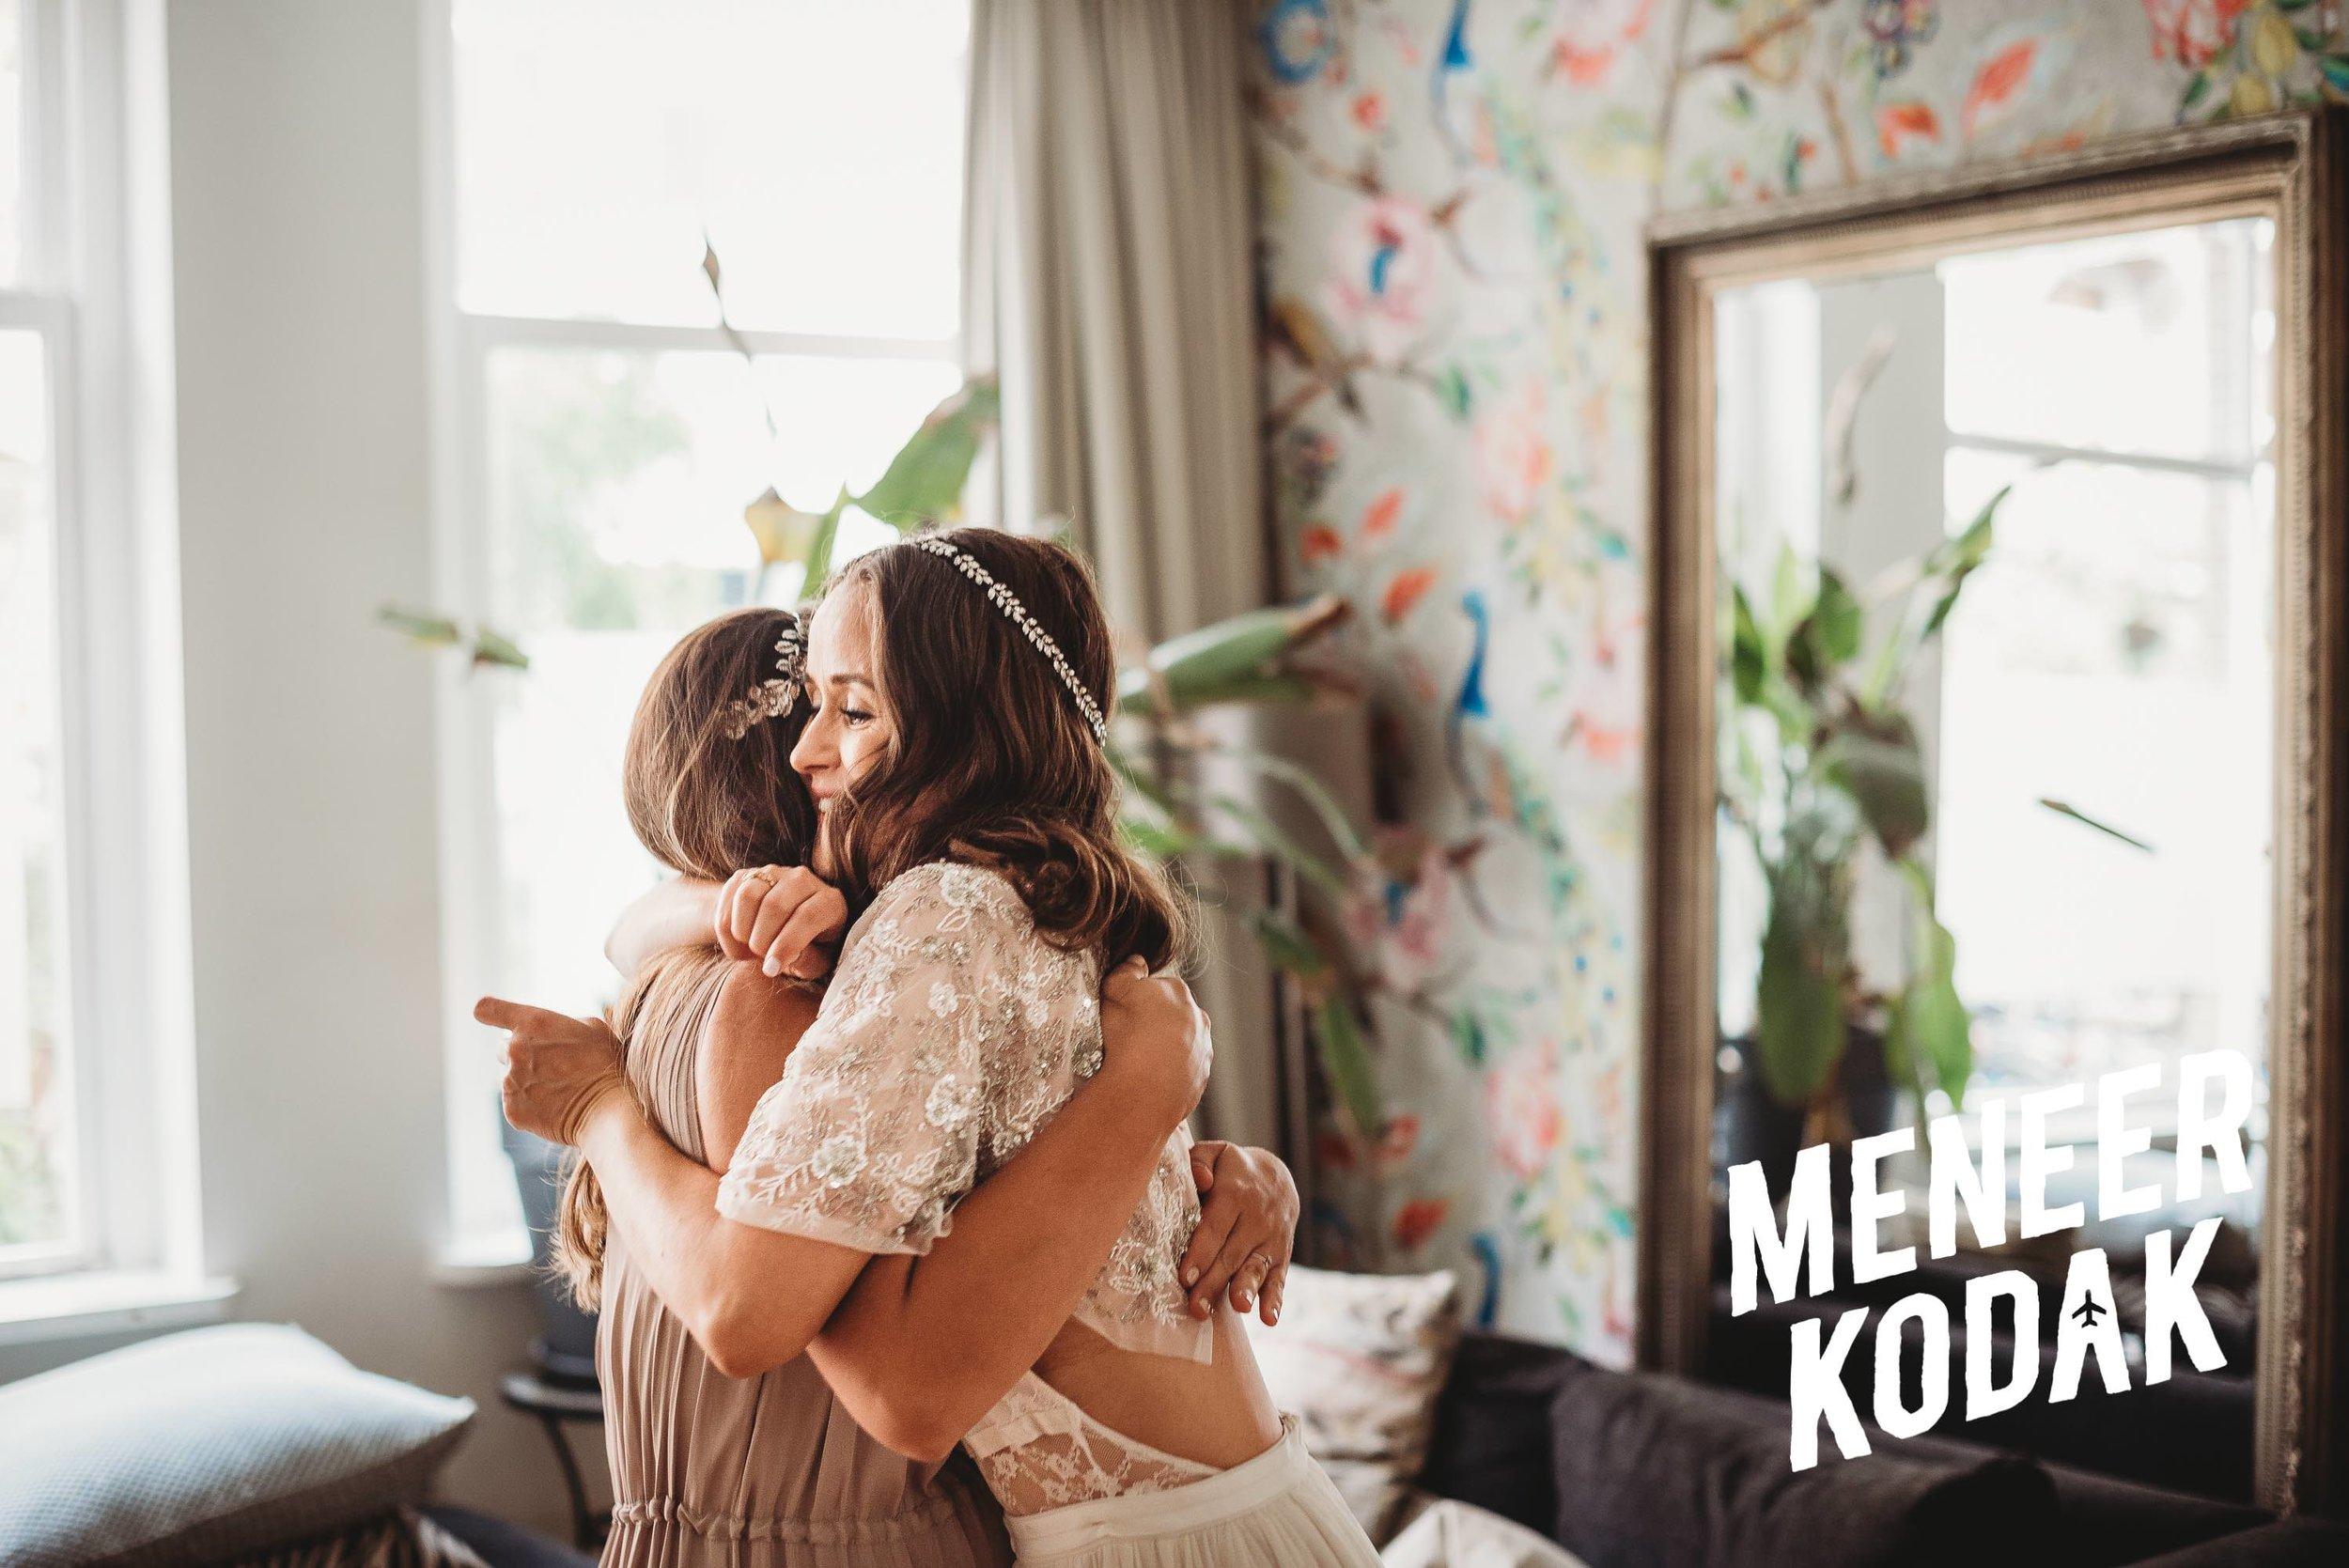 Meneer Kodak - Trouwfotograaf - Amsterdam - H&T-026.jpg